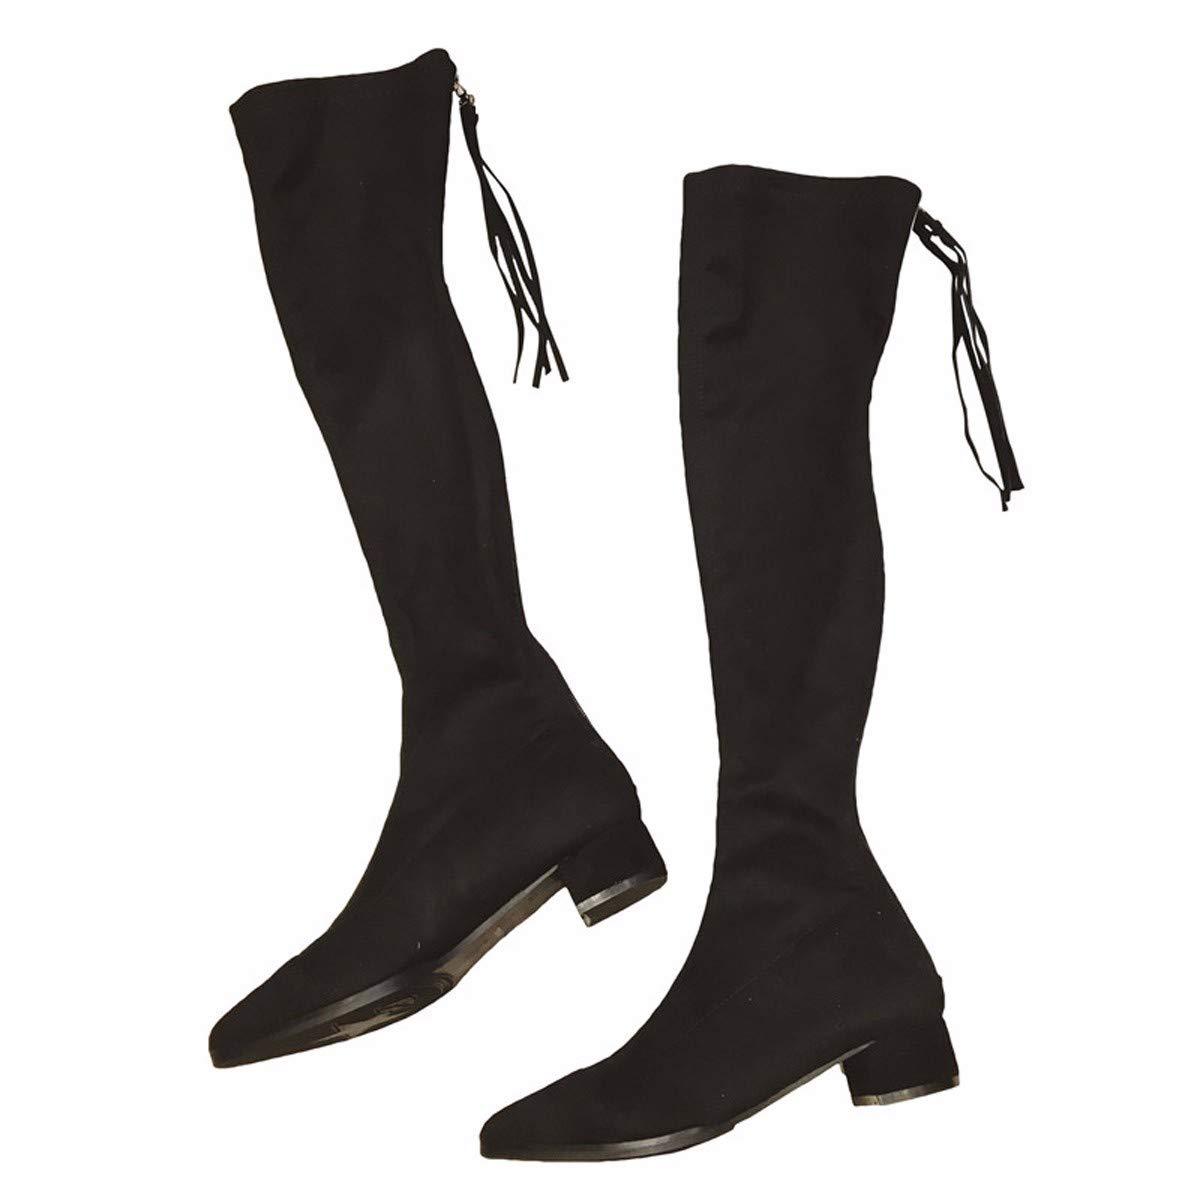 LBTSQ Fashion Damenschuhe Schlank Schwarz Absatz 3 cm Hoch Knie Hohe Stiefel Wildleder Reißverschluss Sagte Ferse Mitte Samt Ritter - Stiefel